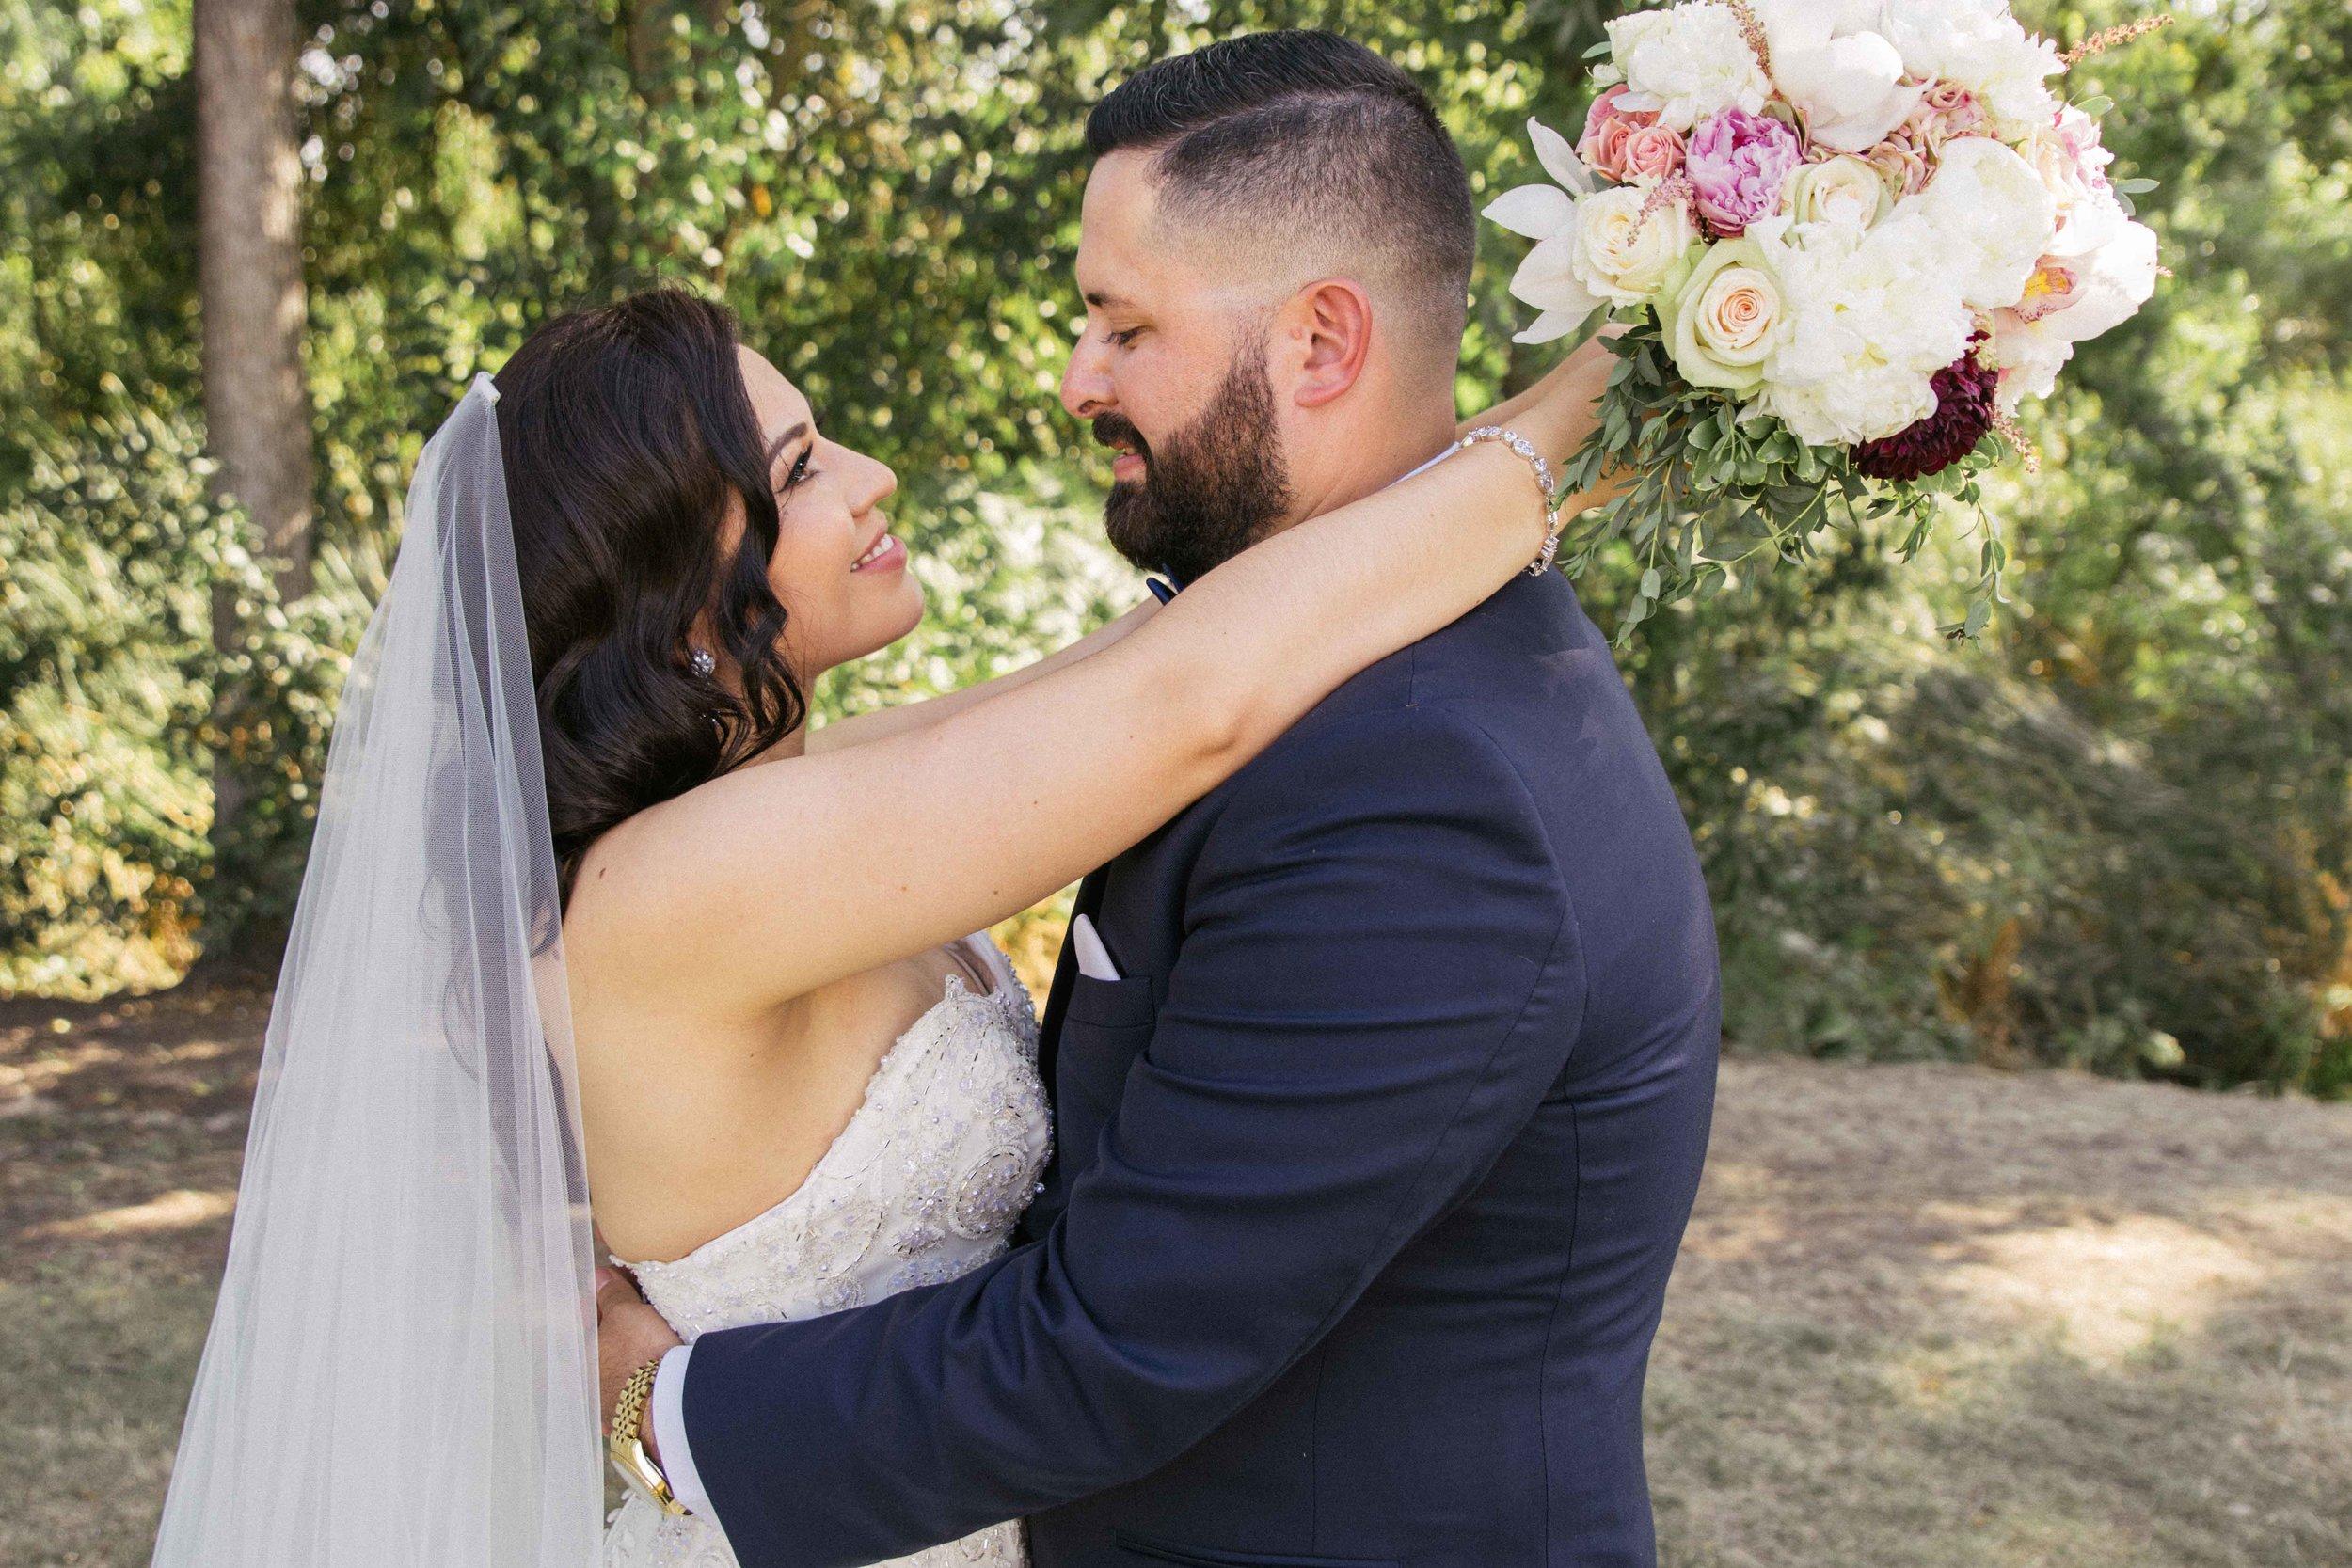 merced-wedding-photographer-fairgrounds-ramon-esther-311.JPG